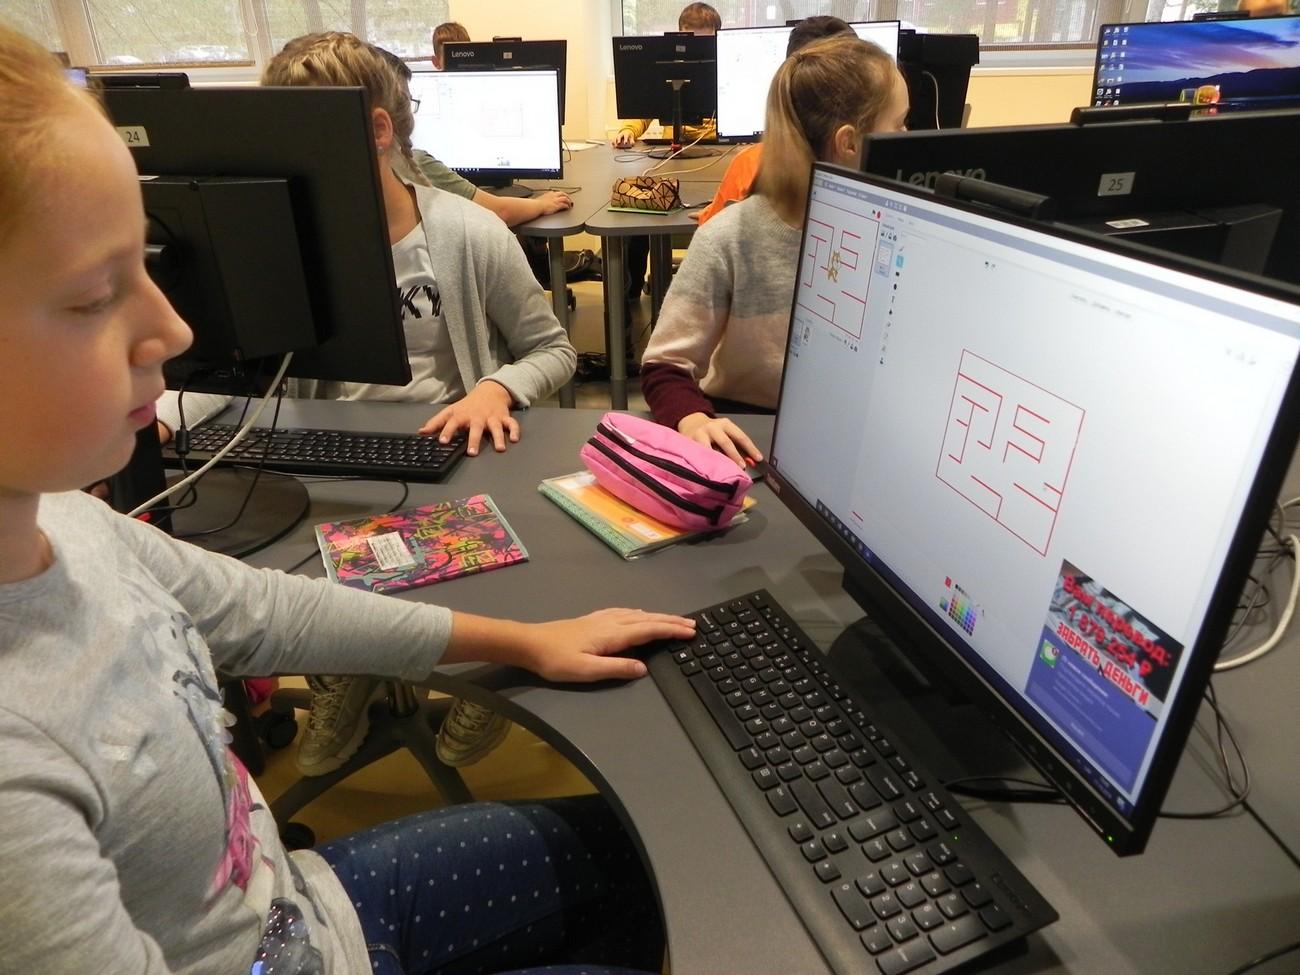 Skolēni iepazīst Scratch vidi un veido labirinta spēli.